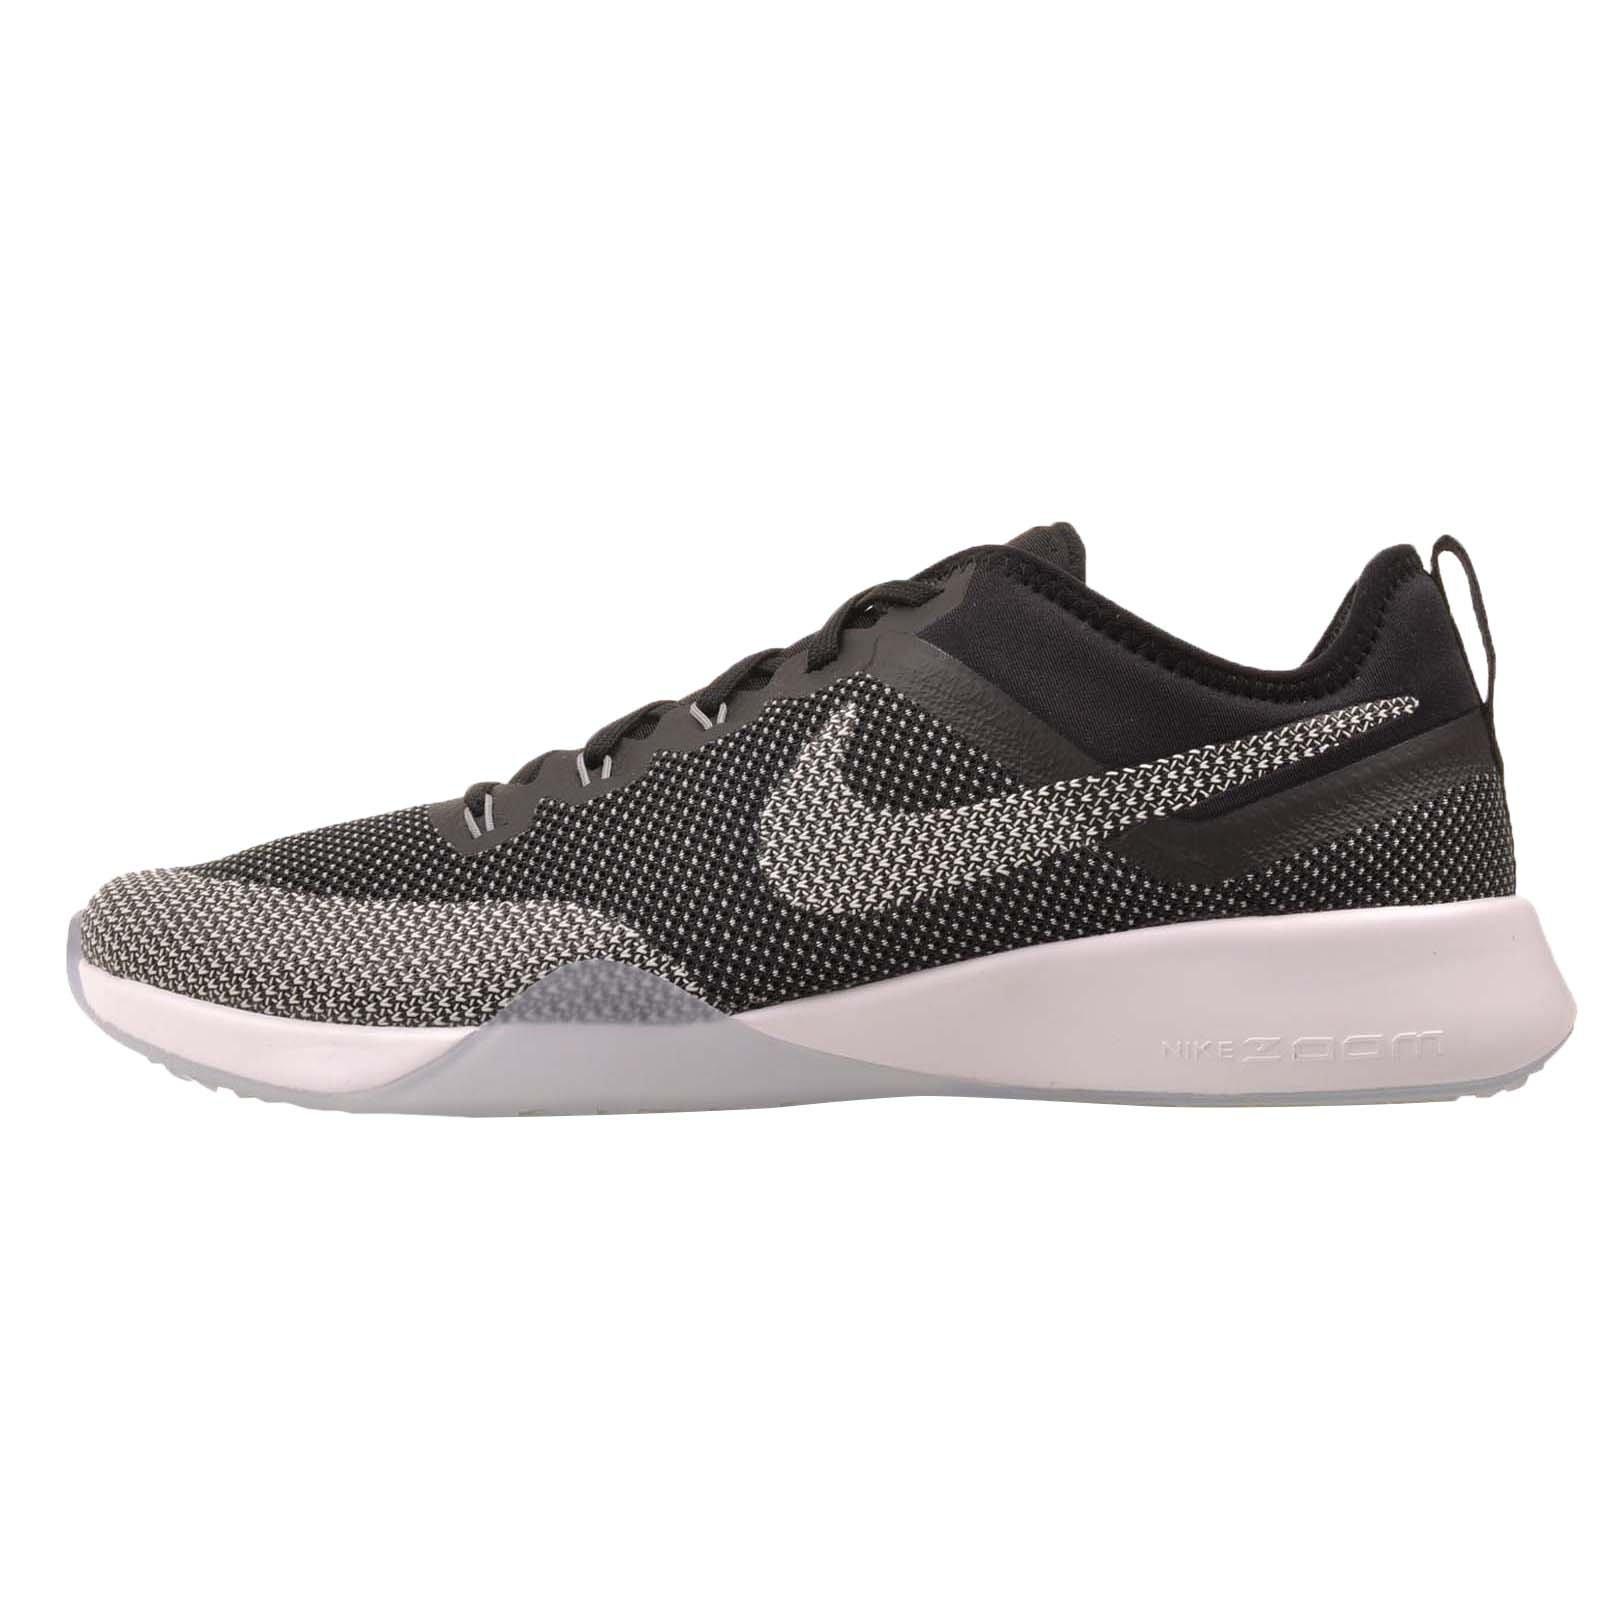 849803 001 Nike Air Zoom TR Dynamic Shoes ( Black )